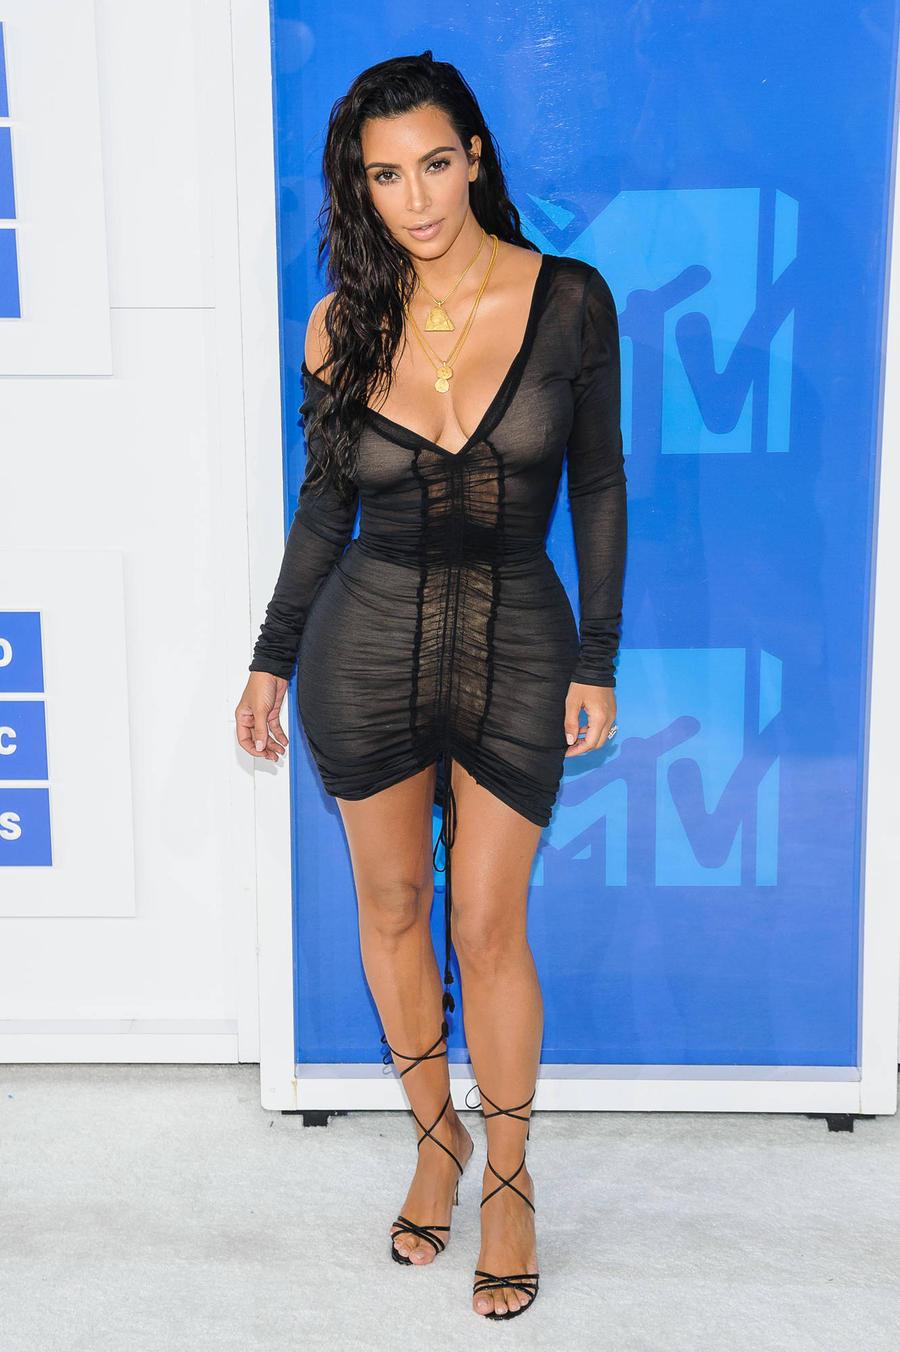 Kim Kardashian 'Files $5.6 Million Insurance Claim'